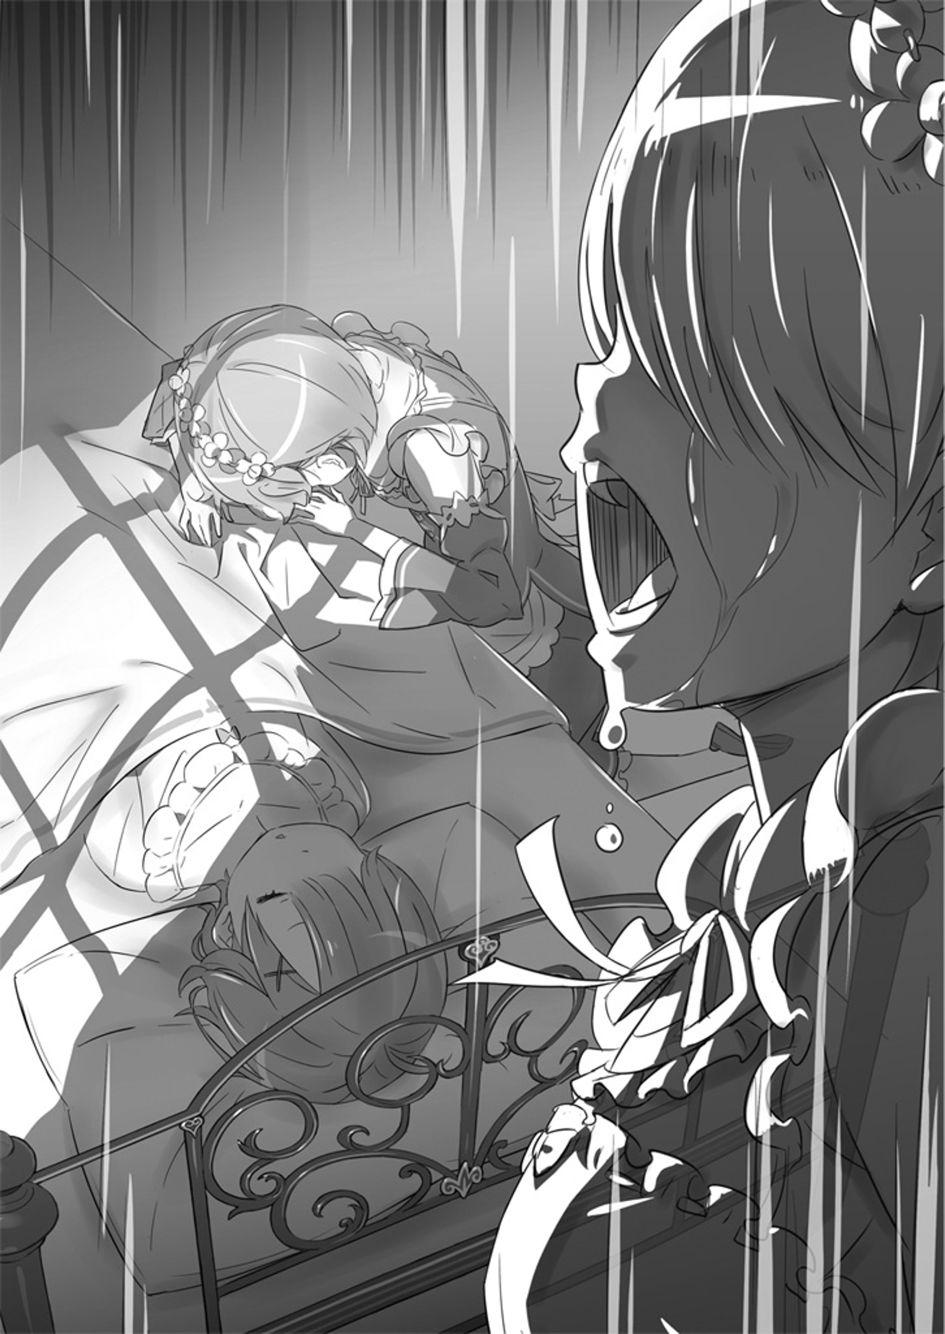 Manga- Re:Zero Characters- Rem and Ram | Re:Zero | Light ...